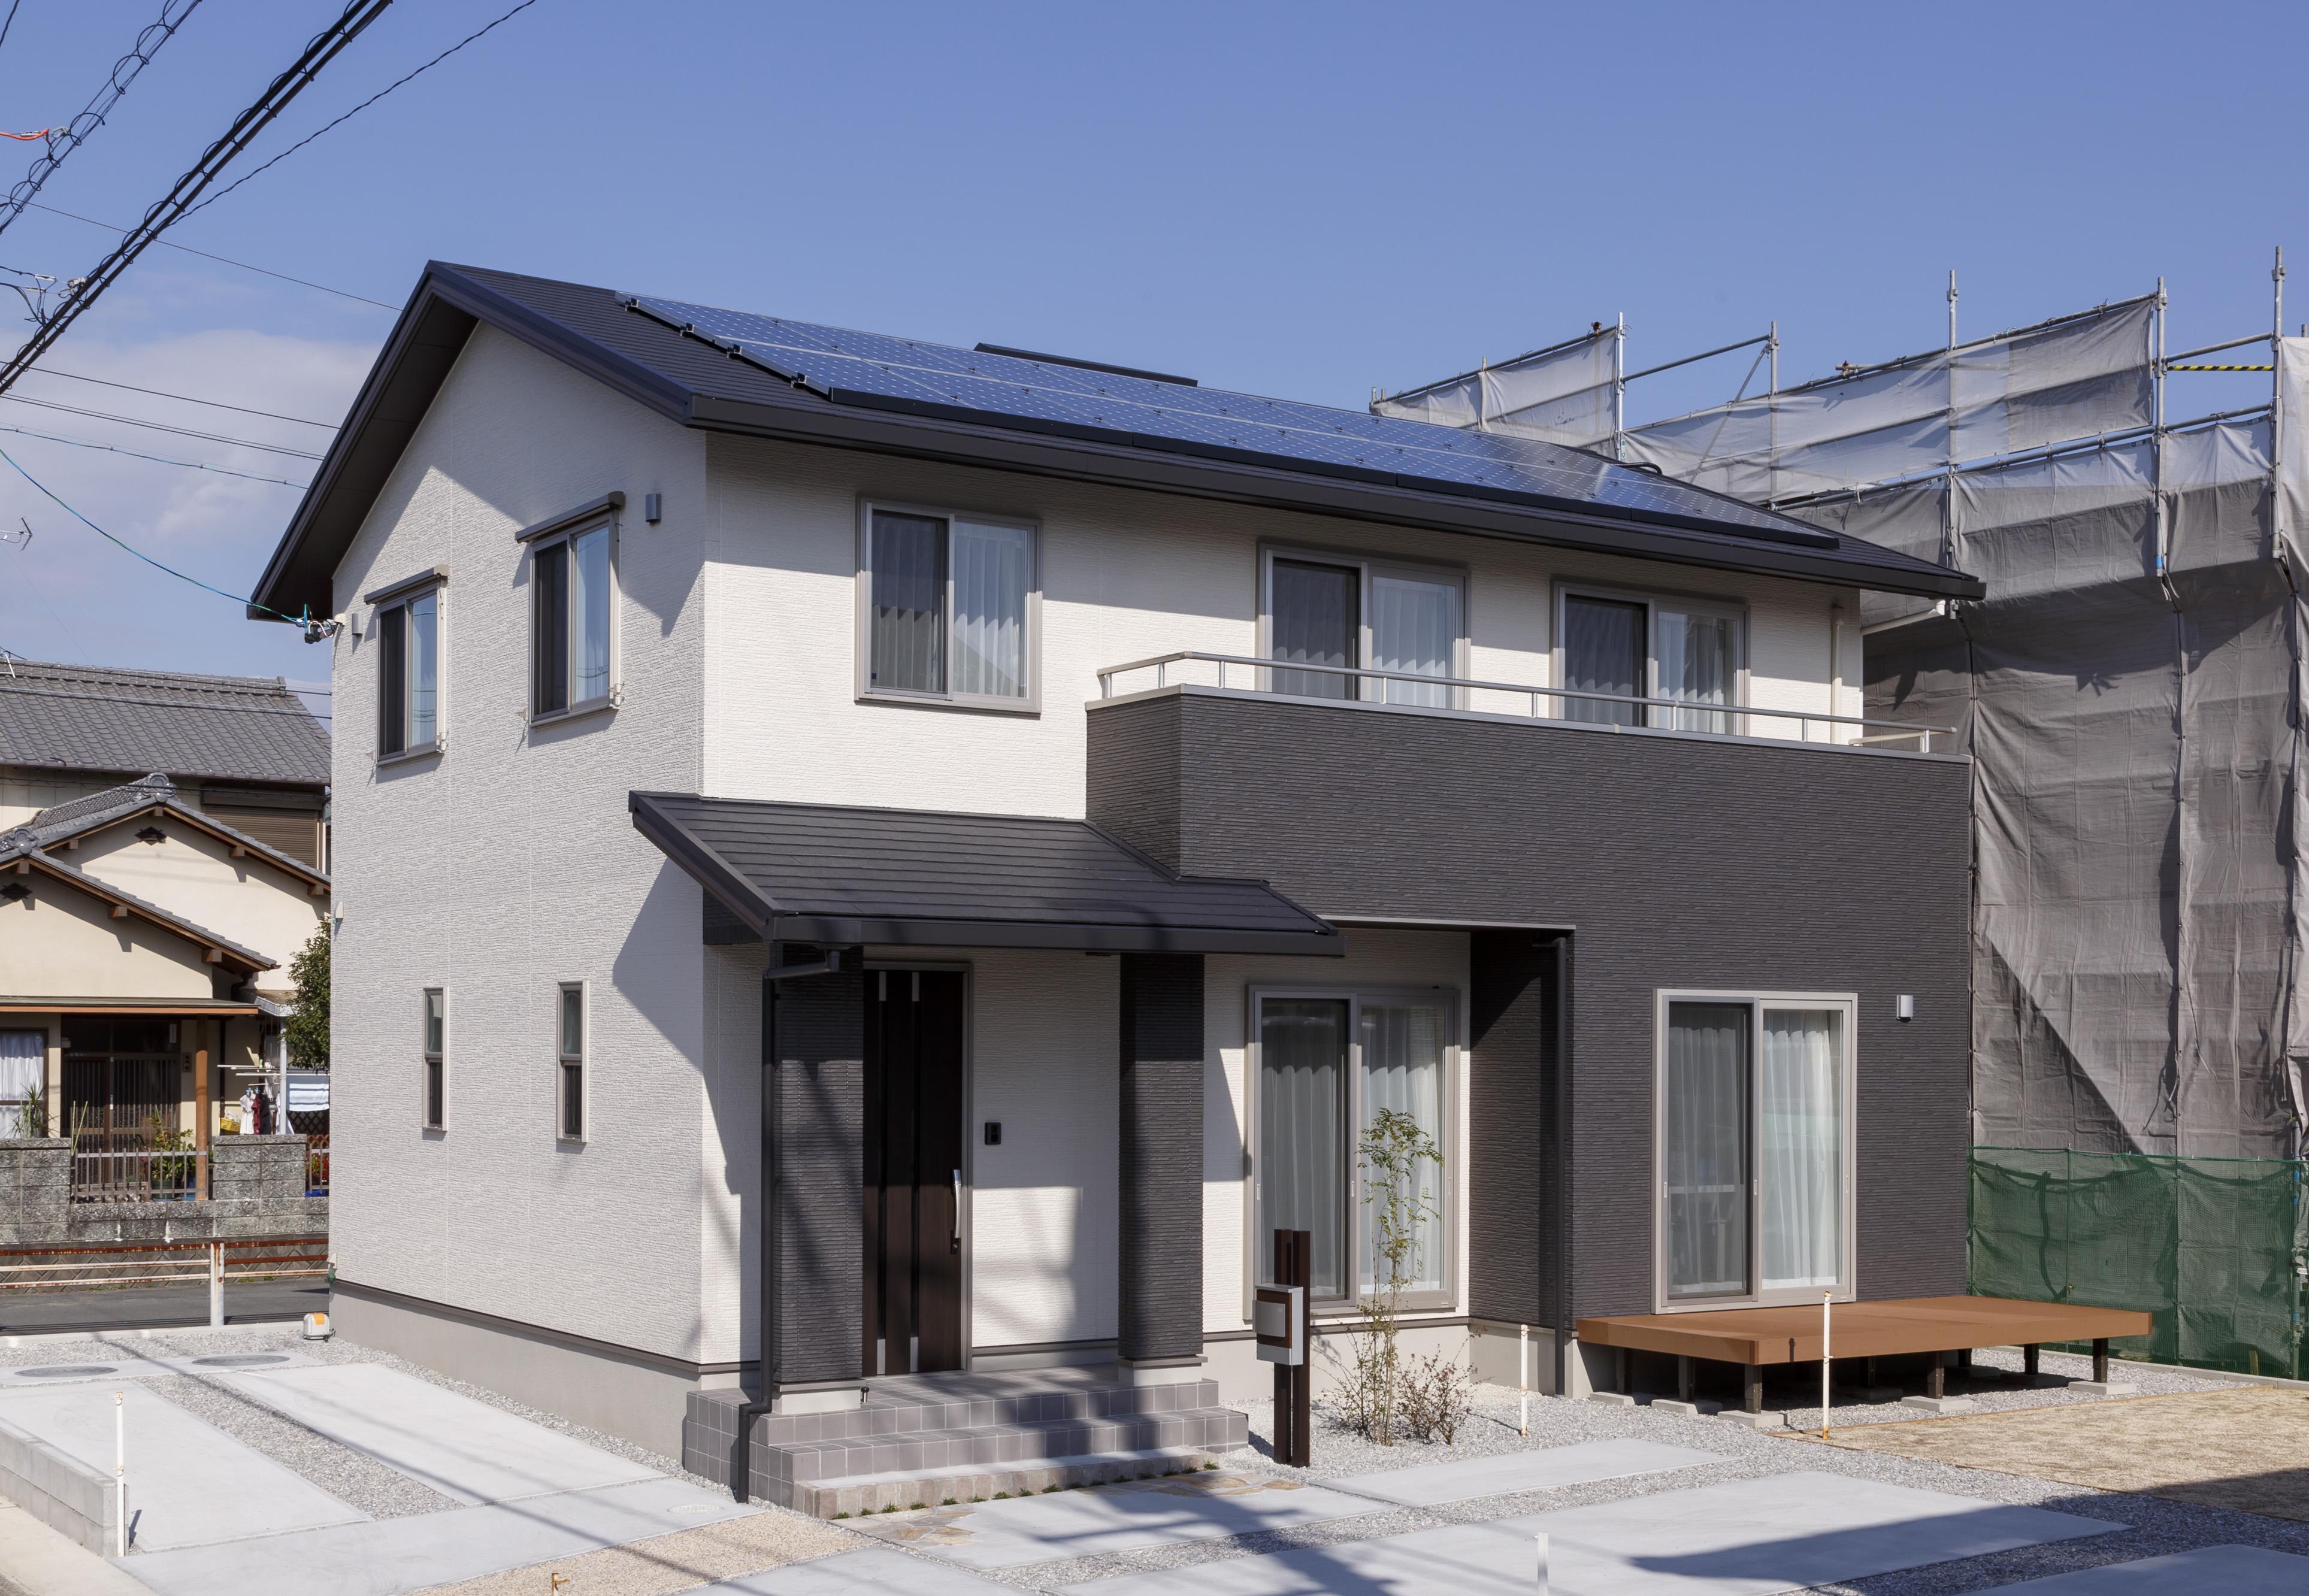 朝日住宅【収納力、省エネ、間取り】ゼロ・エネルギー・ハウスを目指して設計された、『朝日住宅』の人気商品「ゼロ・エネ アイオス」シリーズ。5タイプから間取りを選択可能で、太陽光発電・HEMS・エコキュートを標準装備しながらワンプライス1,750万円(税別)を実現